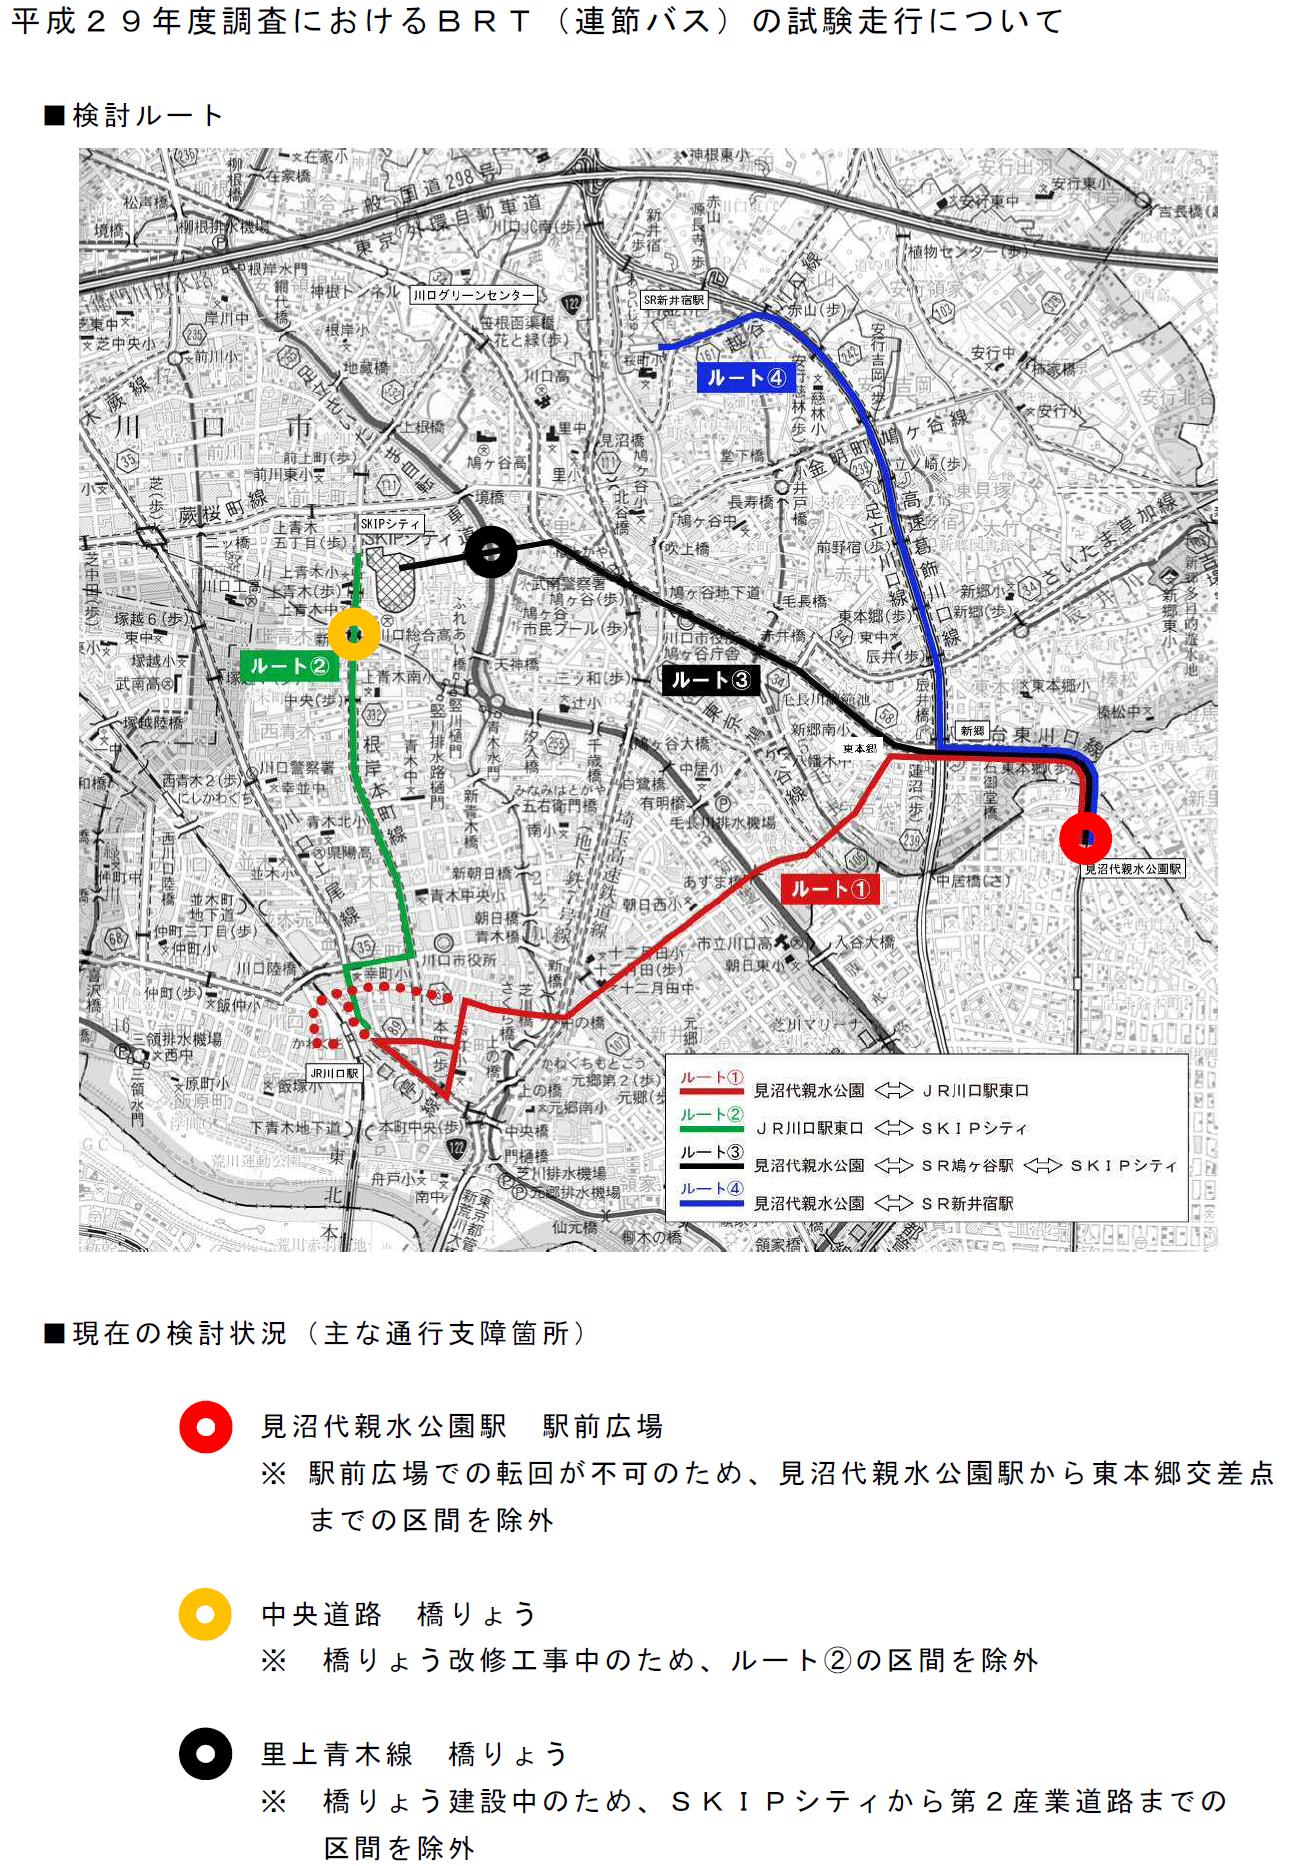 20170928_img_BRT